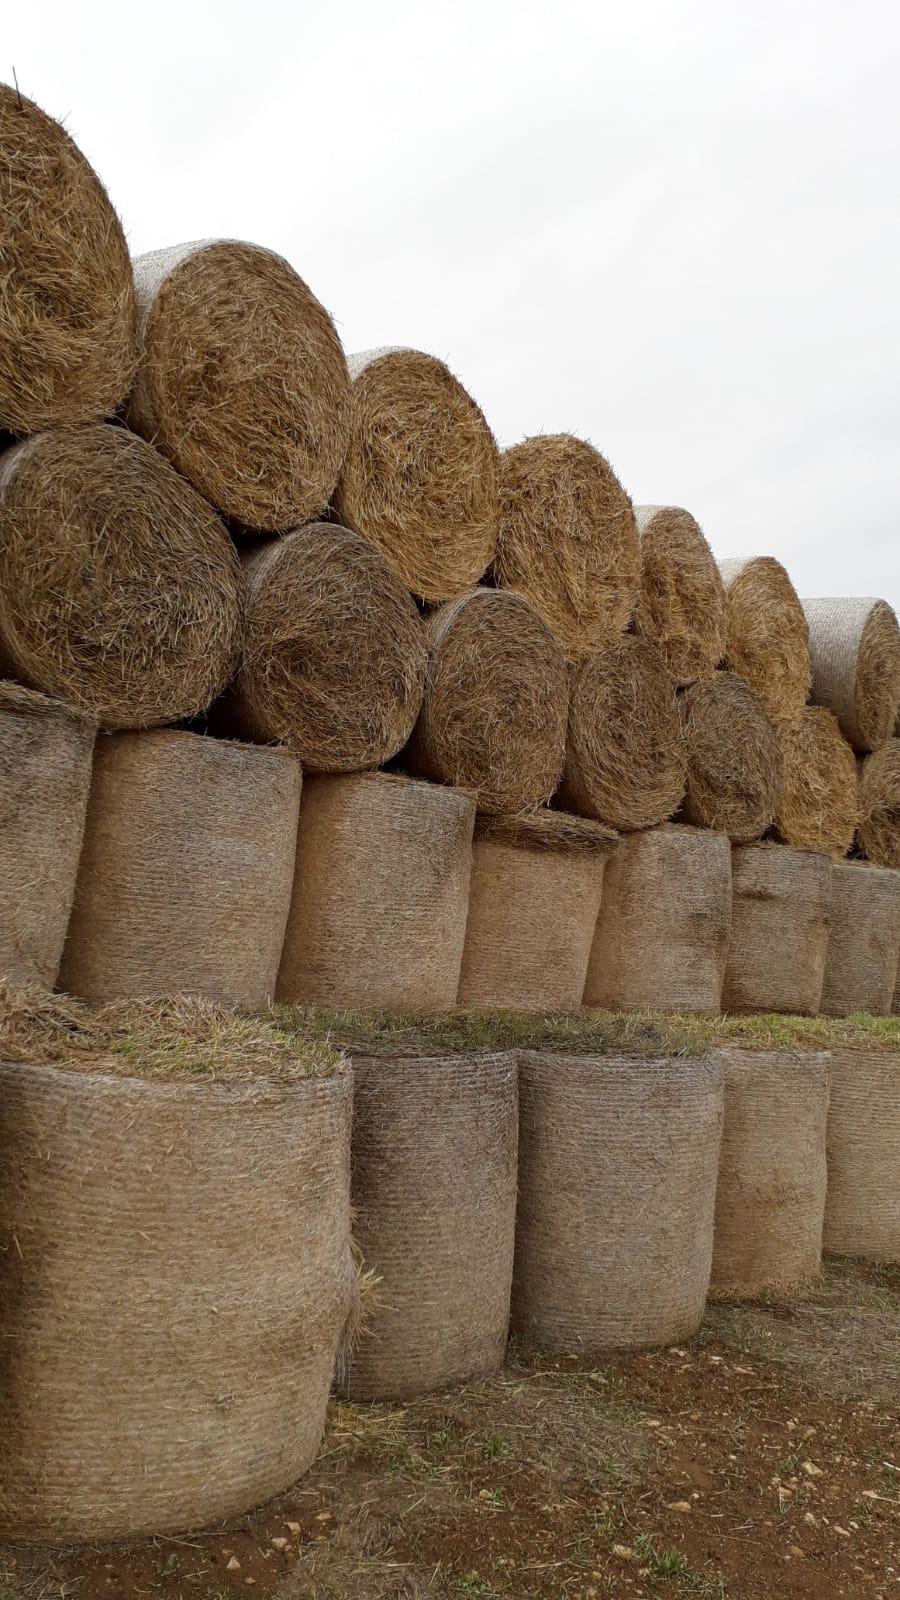 Satılık Buğday samanı - 3462